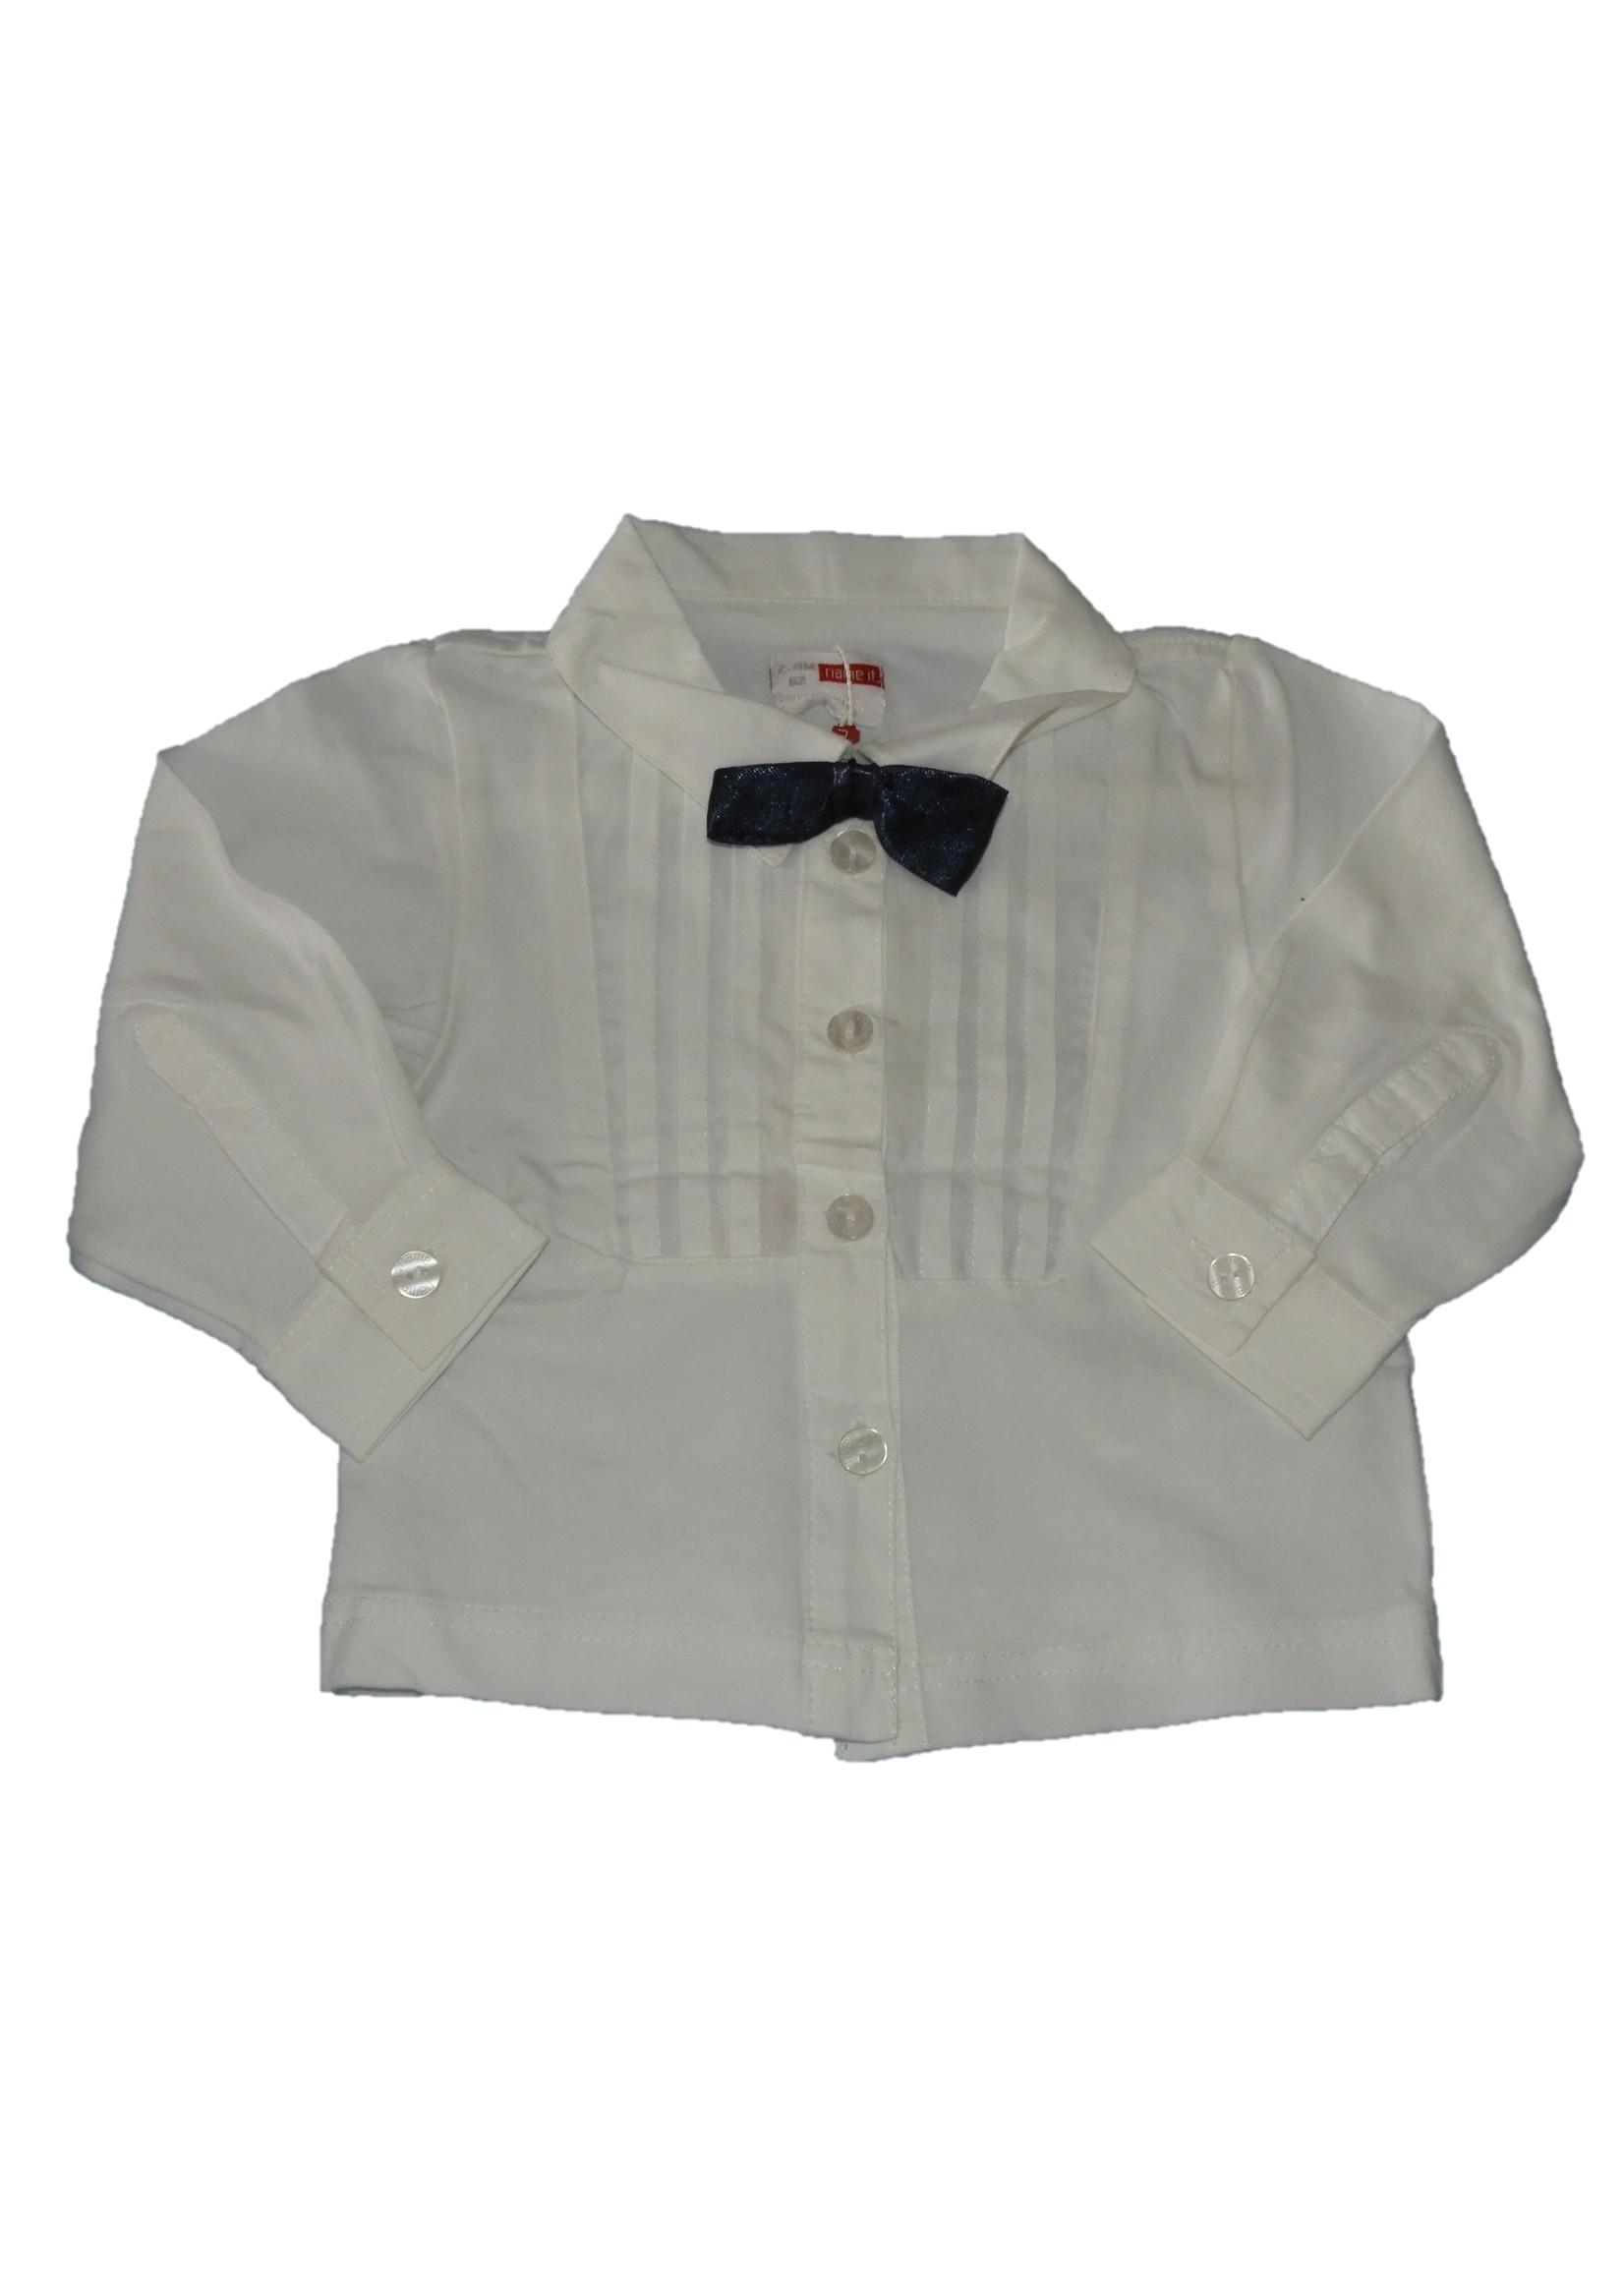 Name it overhemd maat 68